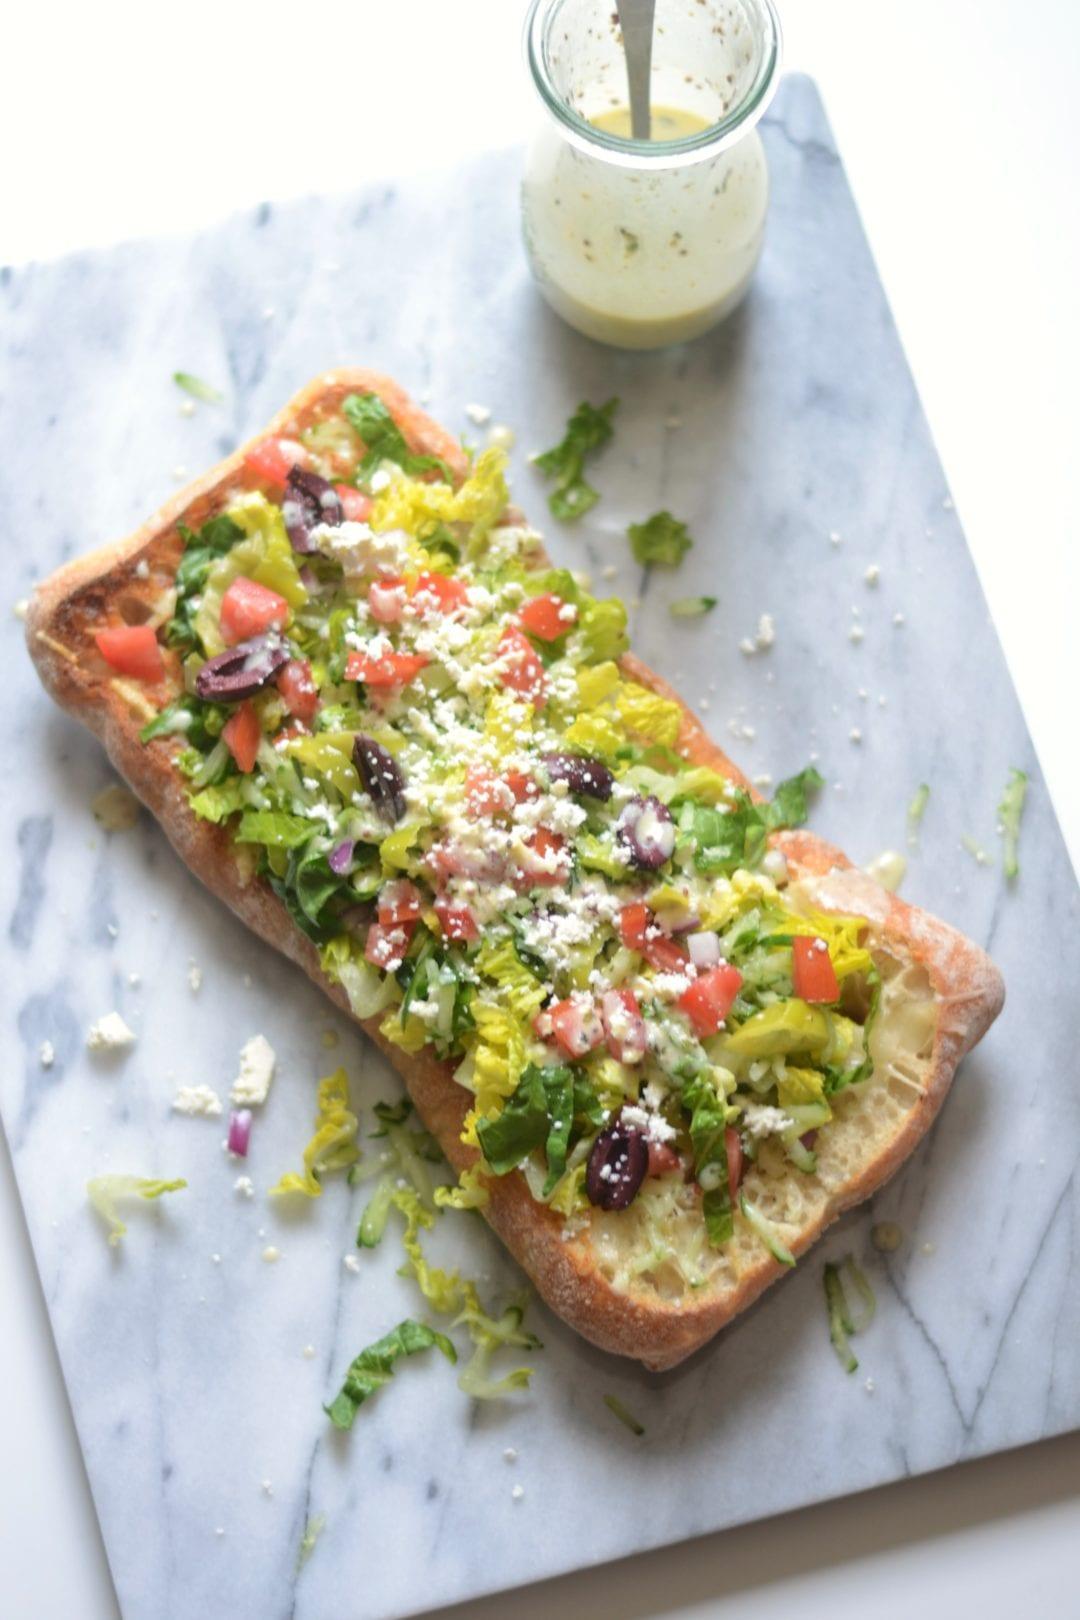 Greek Salad Cheesy Garlic Bread with Lemon Greek Yogurt Dressing ...